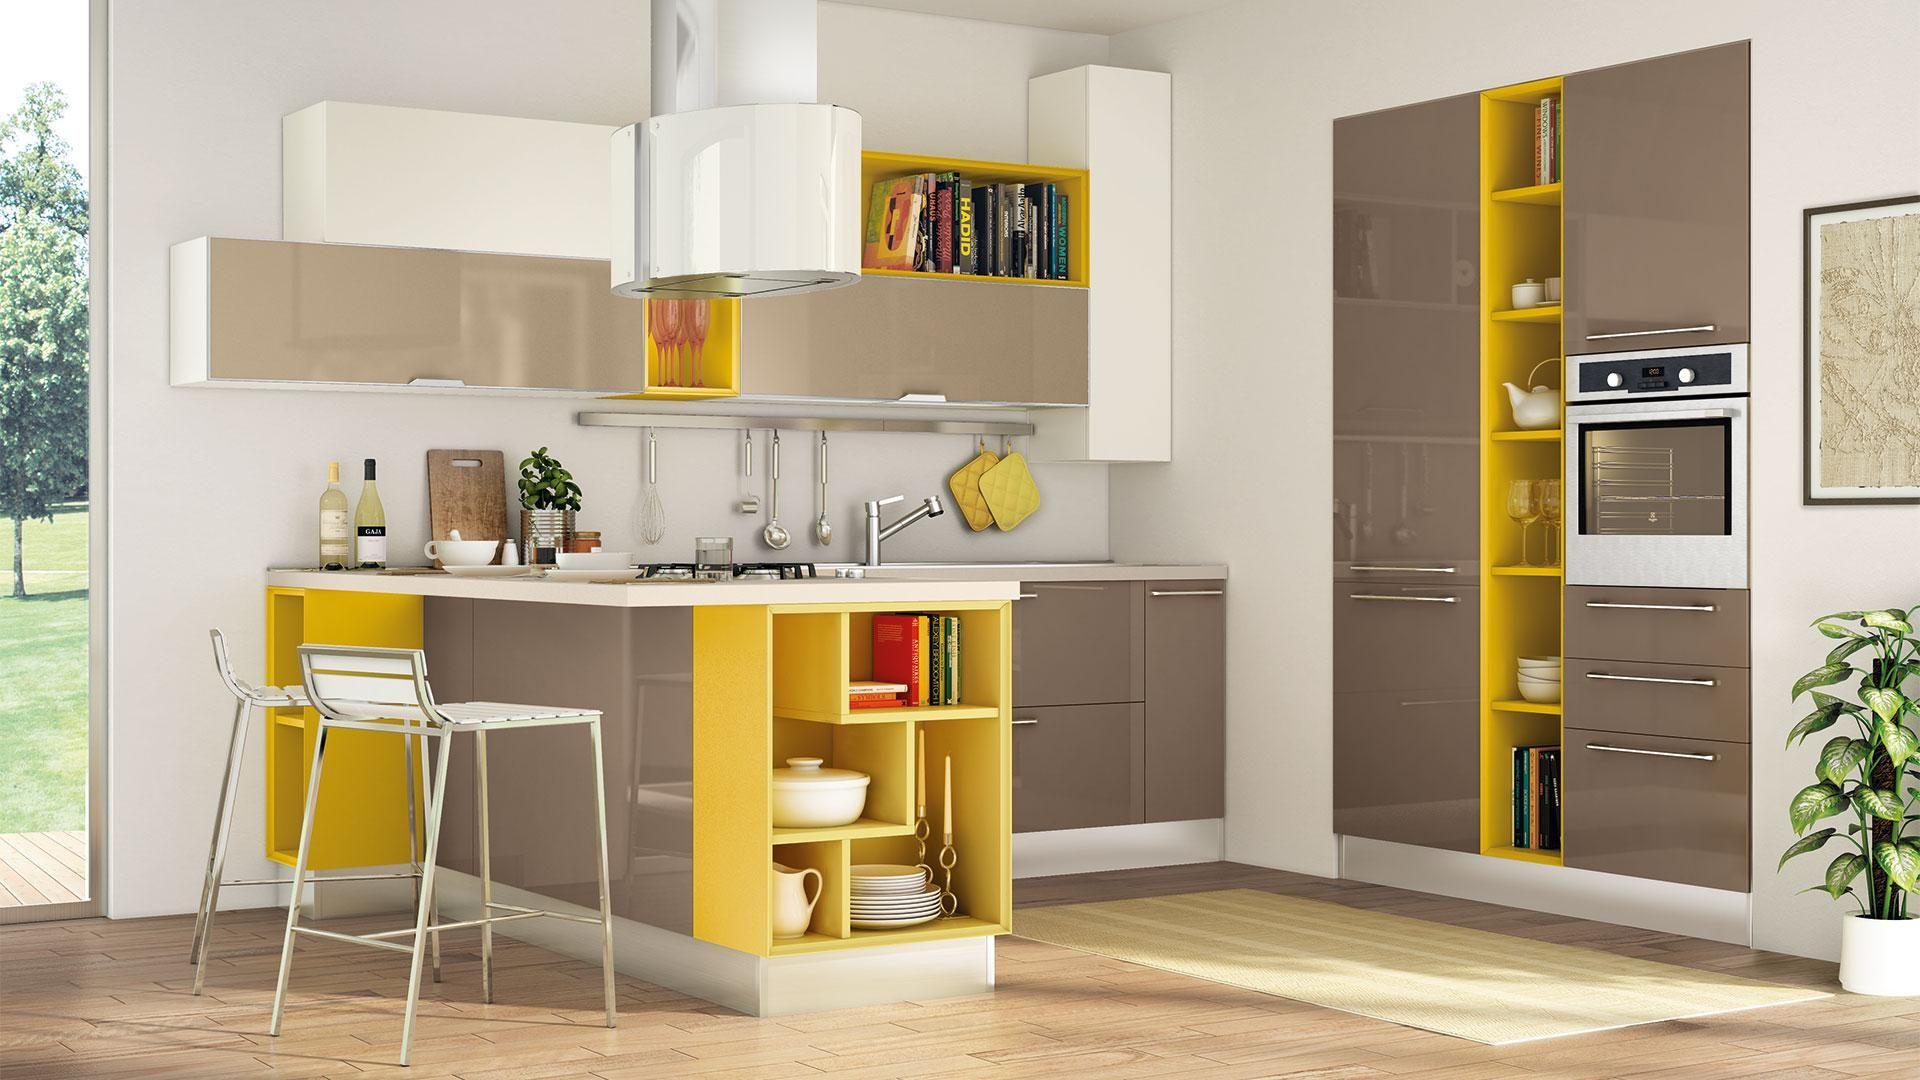 Noemi - Cucine Moderne - Cucine Lube | Kitchen in 2018 | Pinterest ...